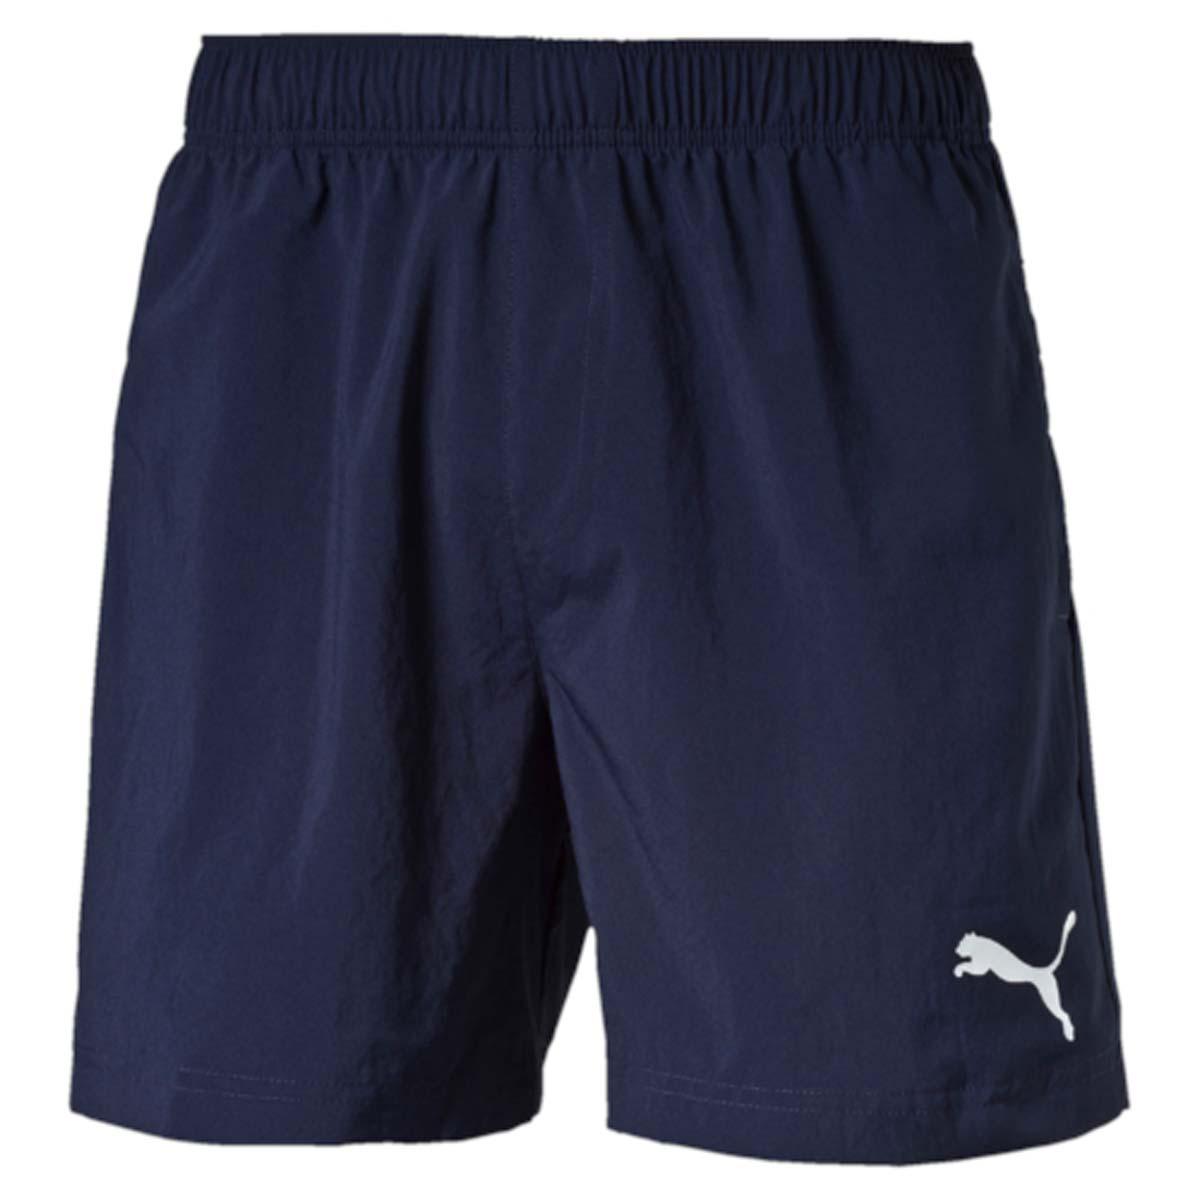 Шорты мужские Puma Ess Woven Shorts 5, цвет: синий. 838271_06. Размер XXL (54/56)838271_06Шорты ESS Woven Shorts 5 - отличное сочетание функциональности и комфорта. Эластичная ткань выдерживает серьезные нагрузки, не теряя своих свойств. Модель скроена таким образом, чтобы шорты не вызывали ощущения дискомфорта даже при активных движениях. Среди других особенностей изделия - эластичный пояс с продернутыми в нем затягивающимися шнурами, боковые карманы, а также нашитая сверху задняя кокетка для лучшей посадки по фигуре. Шорты декорированы логотипом PUMA, нанесенным методом глянцевой печати.